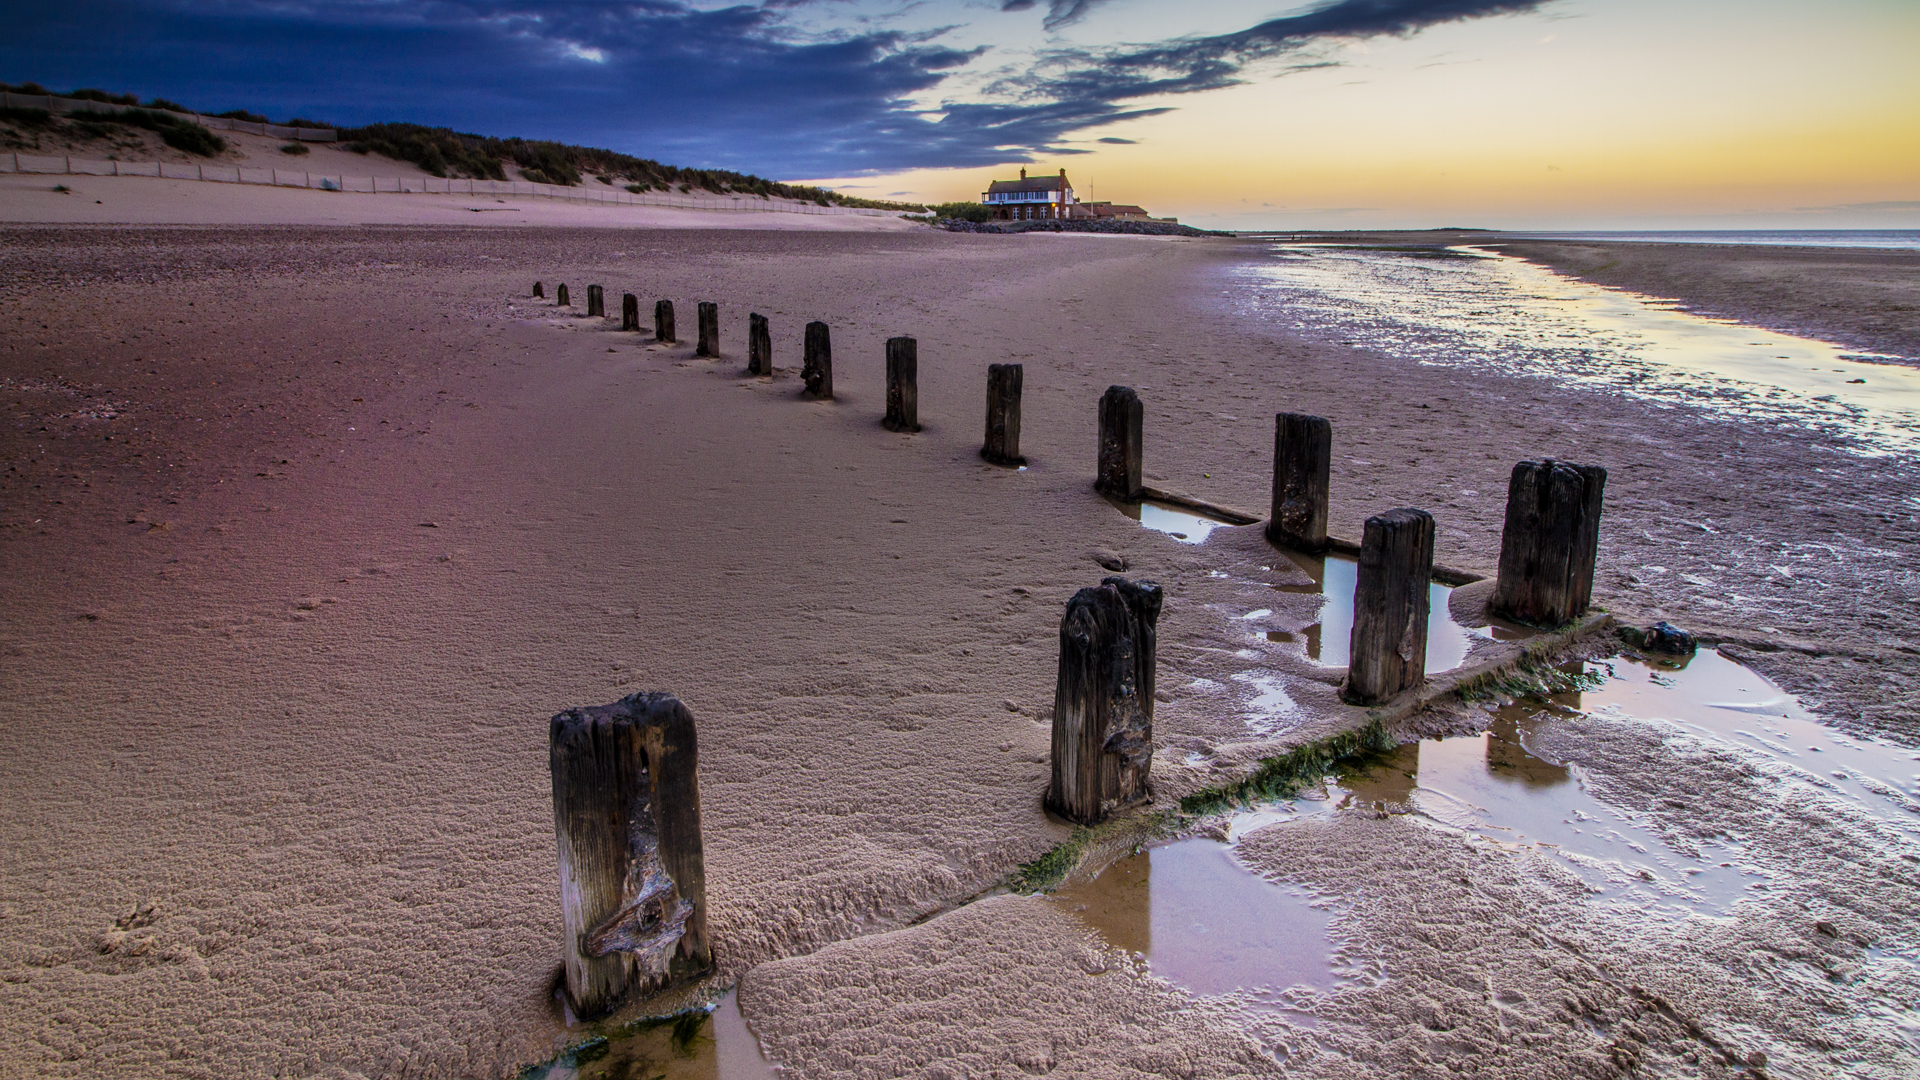 Brancaster Beach 1920x1080.jpg